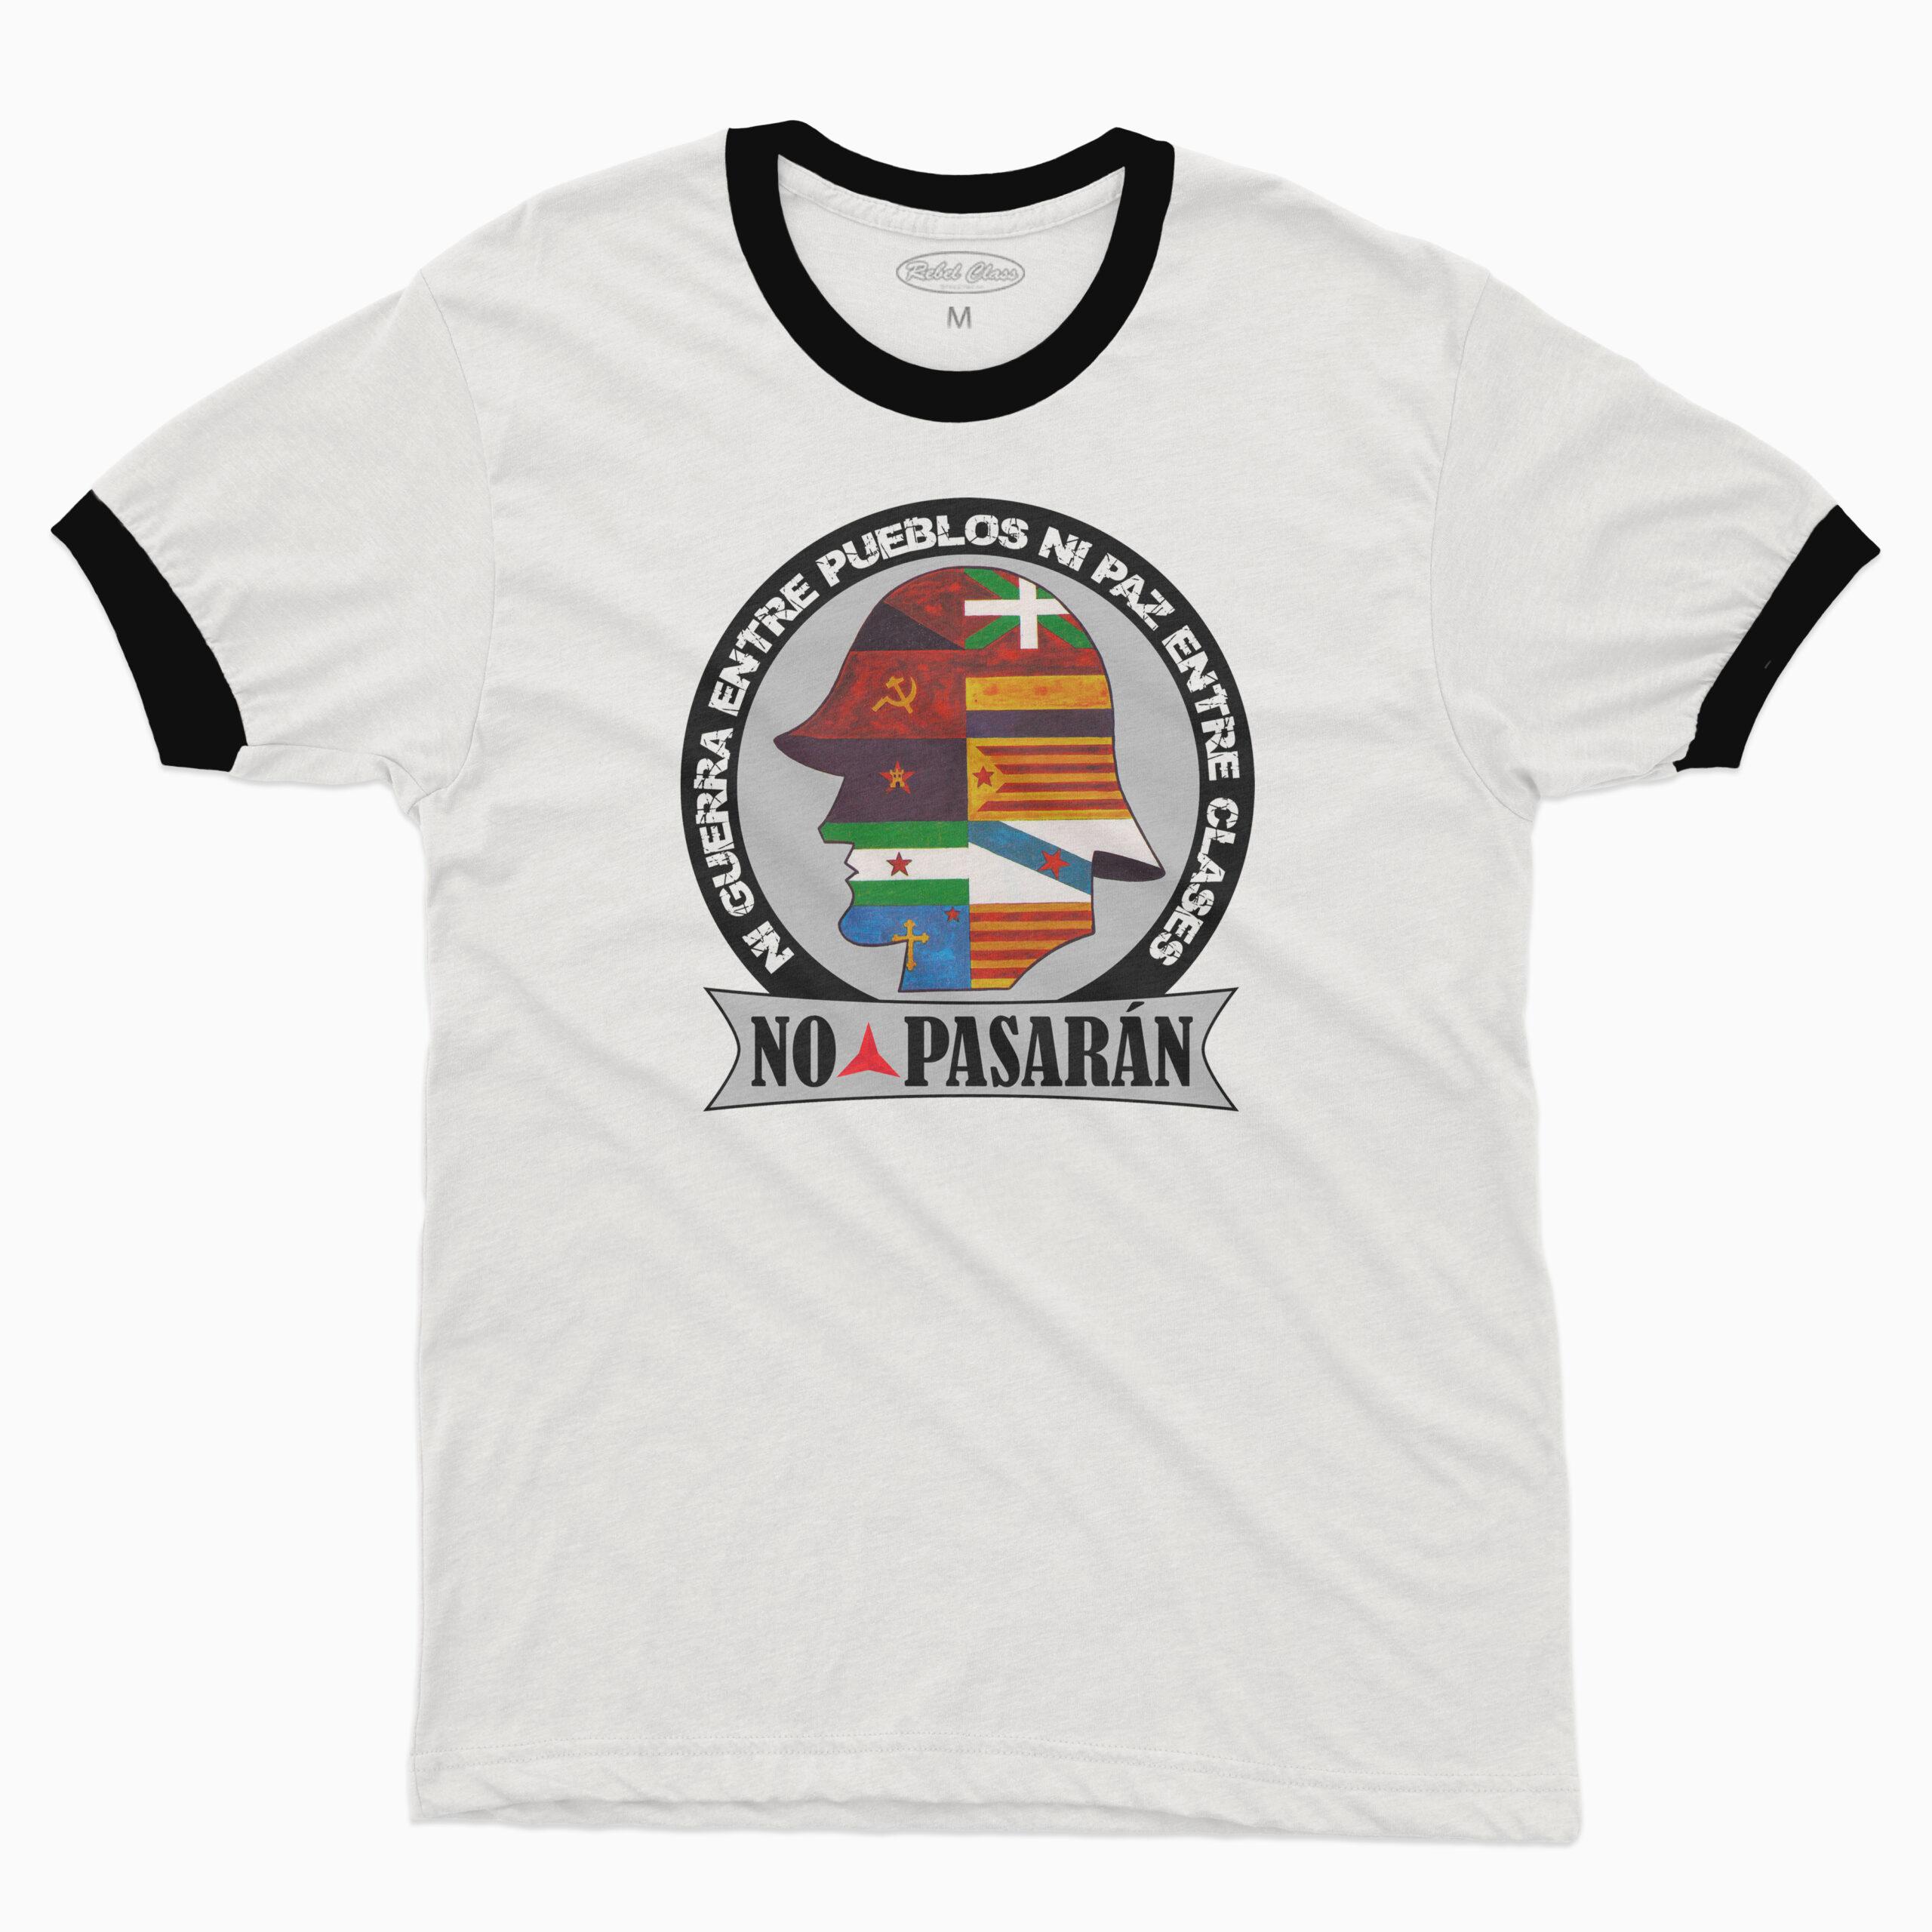 Camiseta Unisex BRIGADAS INTERNACIONALES – Ribetes - 15,90€